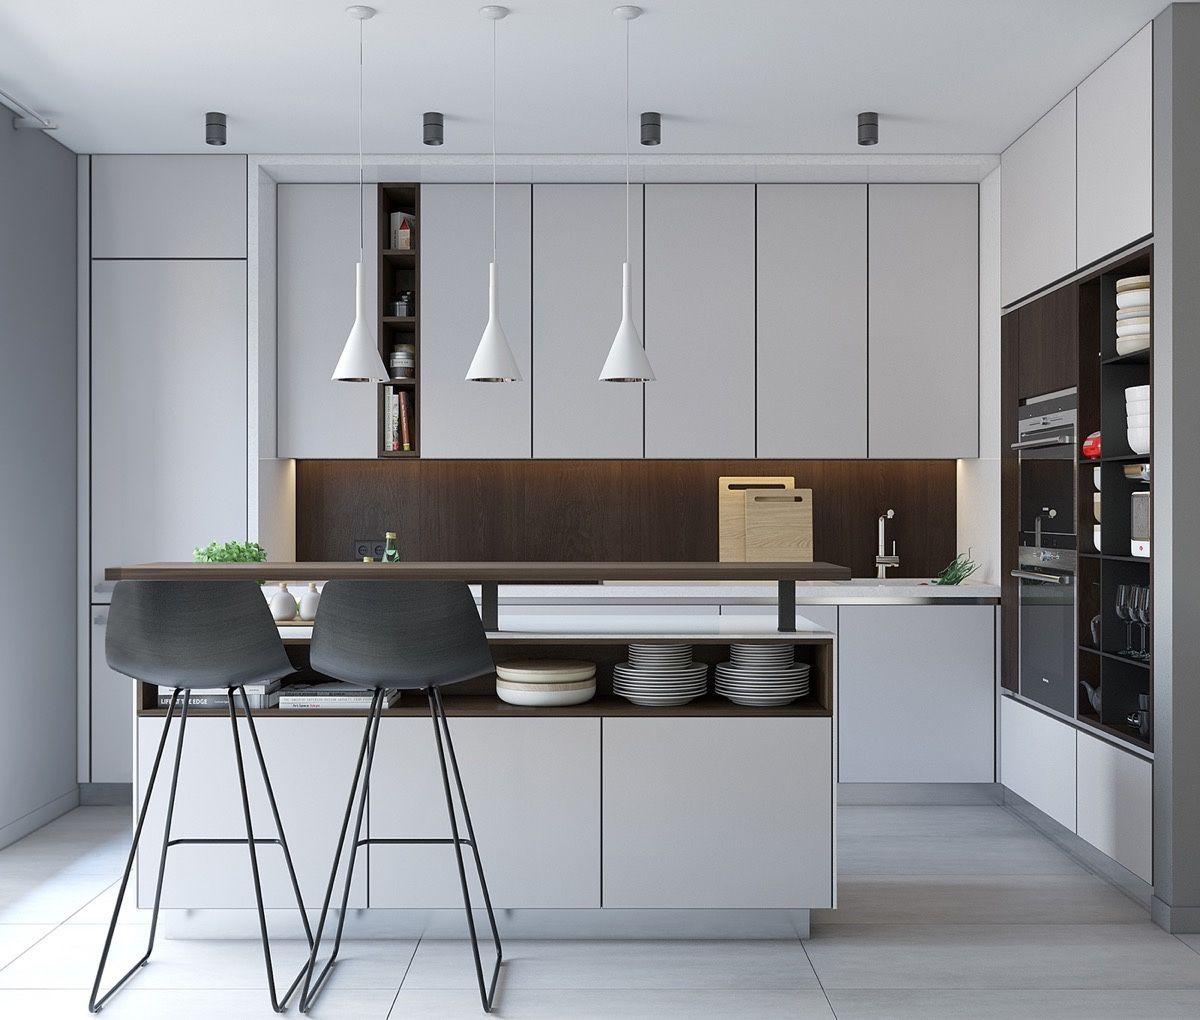 Brilliant Modern Kitchen Interior with 50 Modern Kitchen Designs That Use Unconventional Geometry - Morganallen Designs